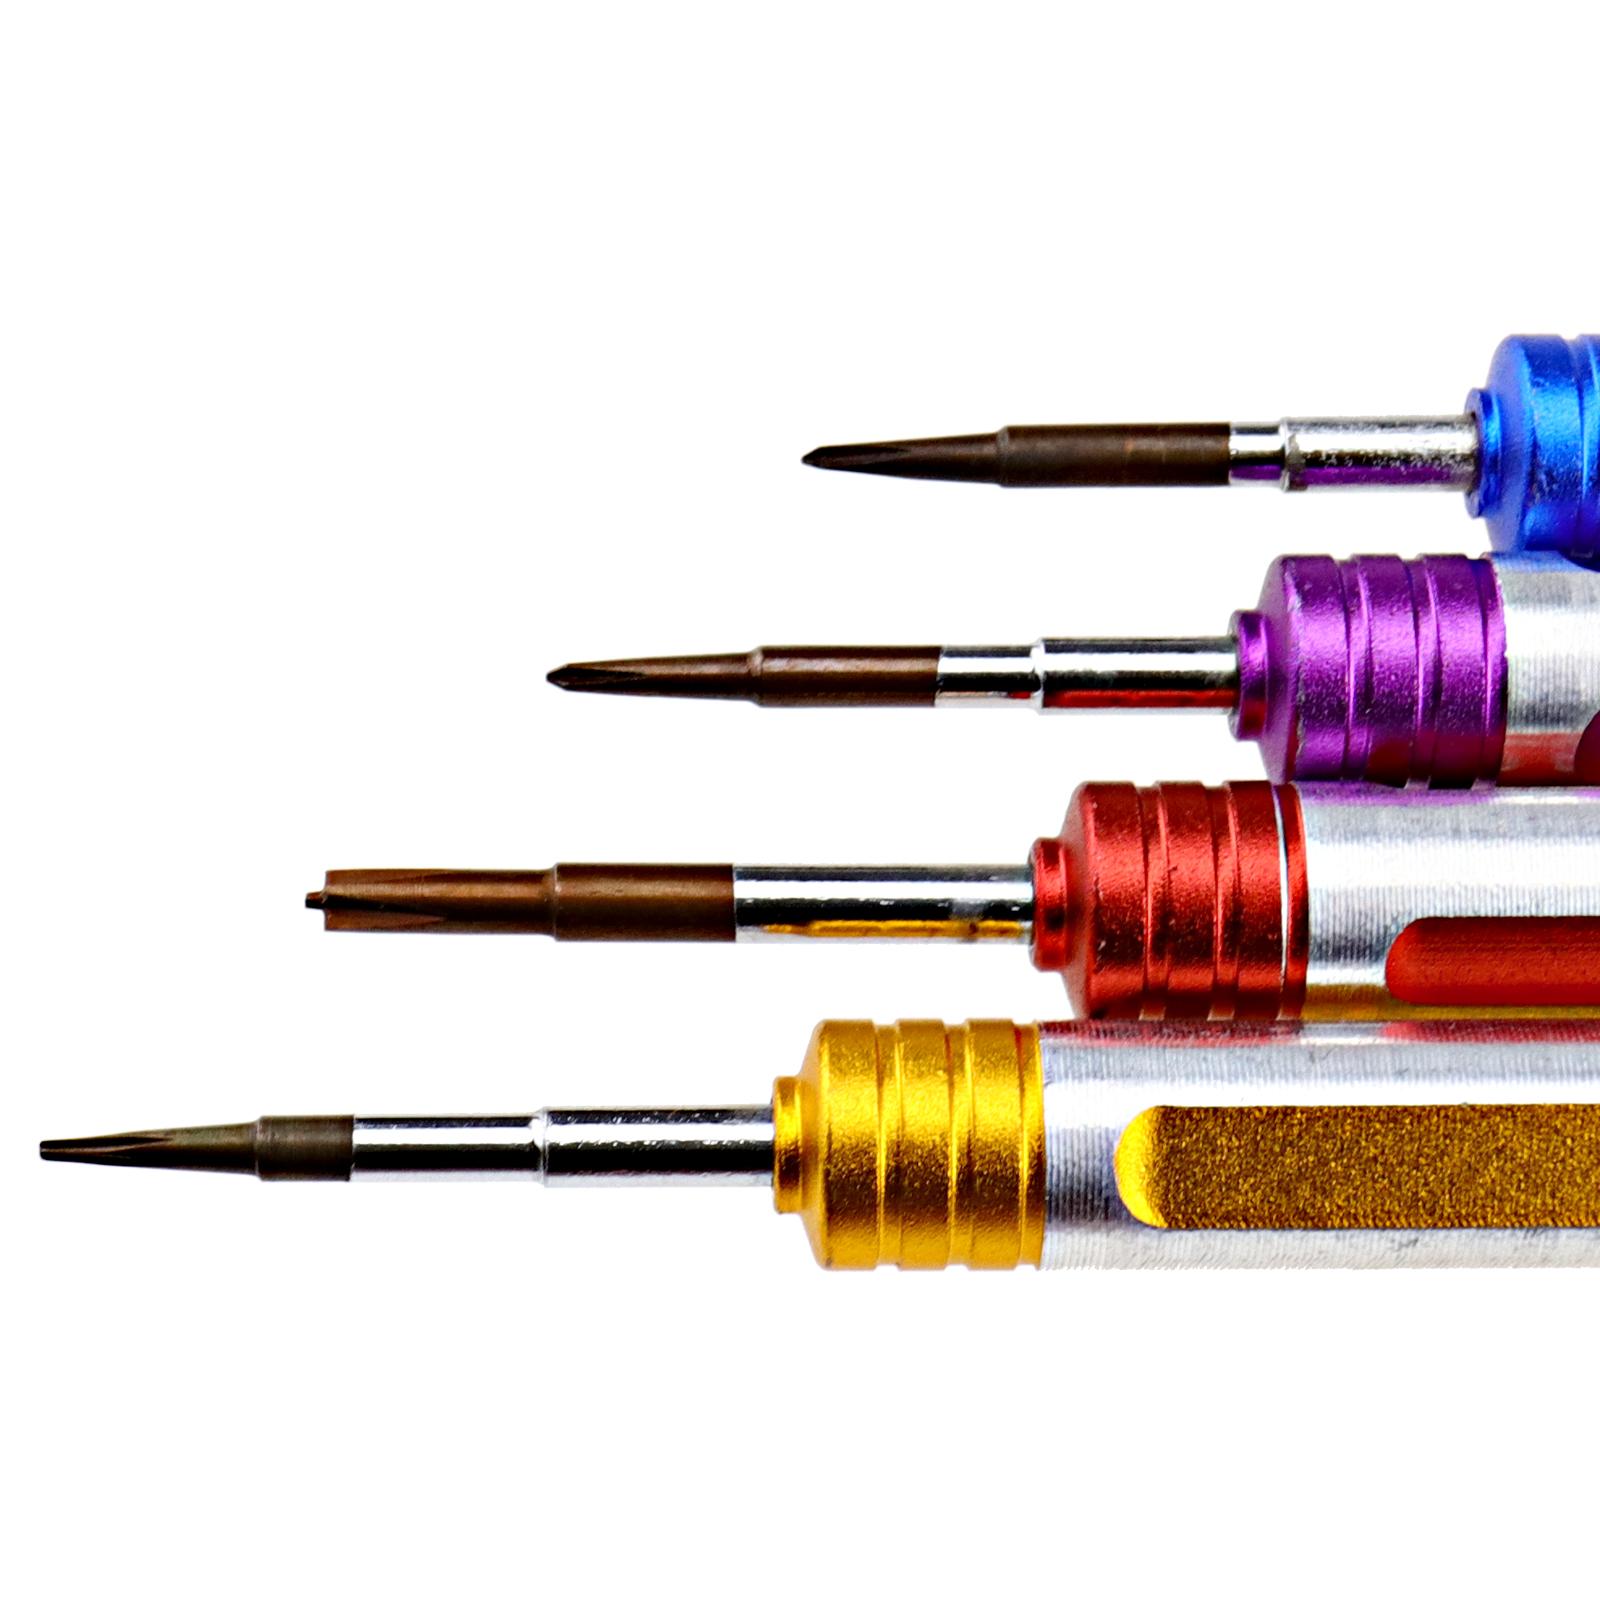 8Pcs For iPhone 7/7 Plus Pentalobe Opening Pry Repair Tool ...